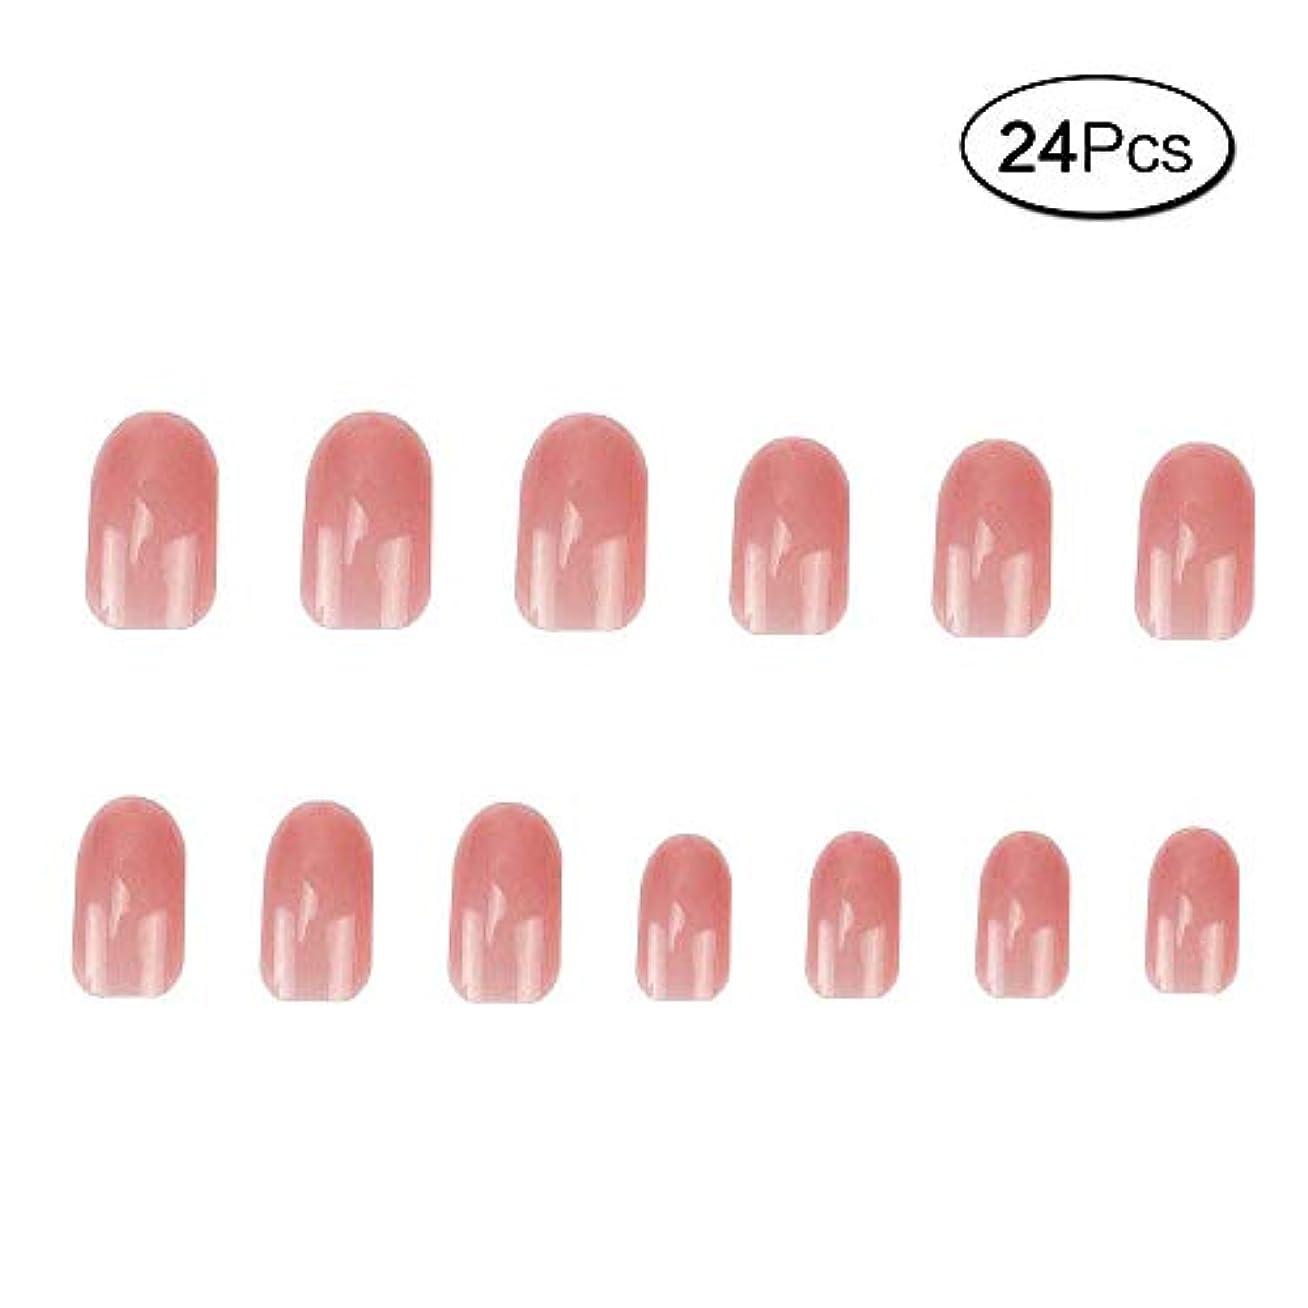 花婿激怒不公平24 個 ネイルチップ 夏の 無地 透明 ゼリー ピンク 可愛い ウェディング ブライダル